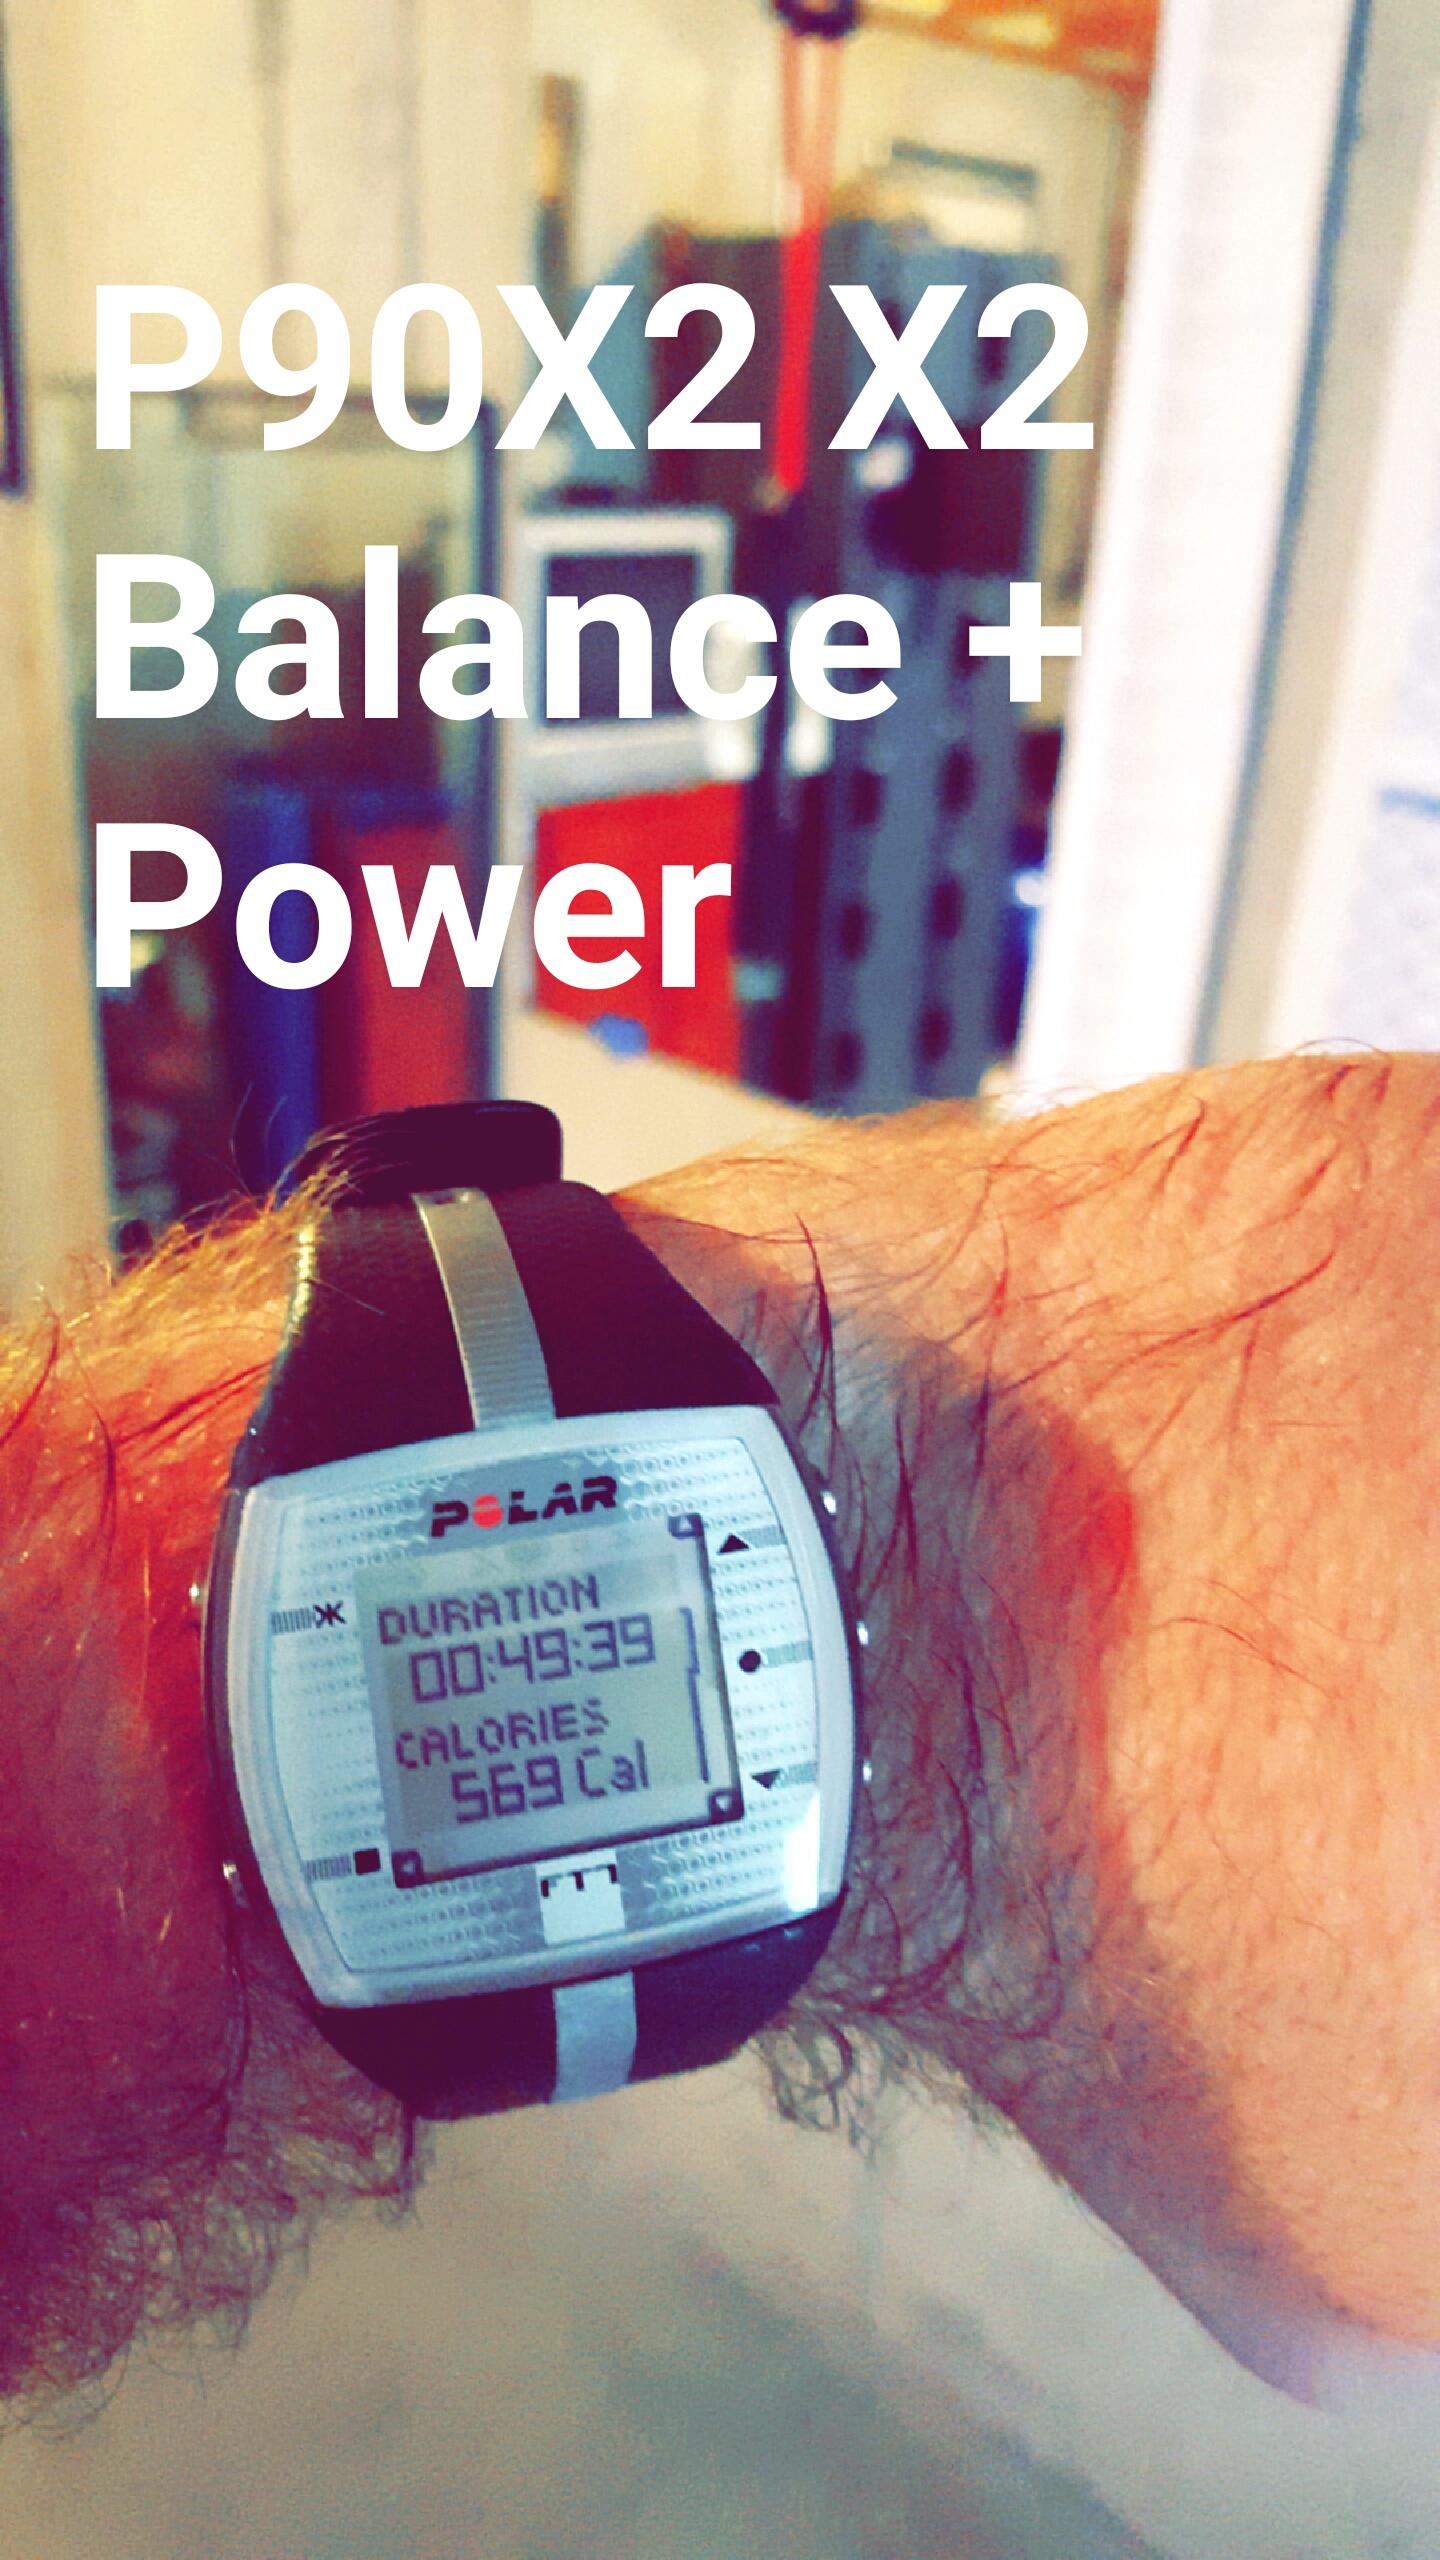 P90x2 X2 Balance Power